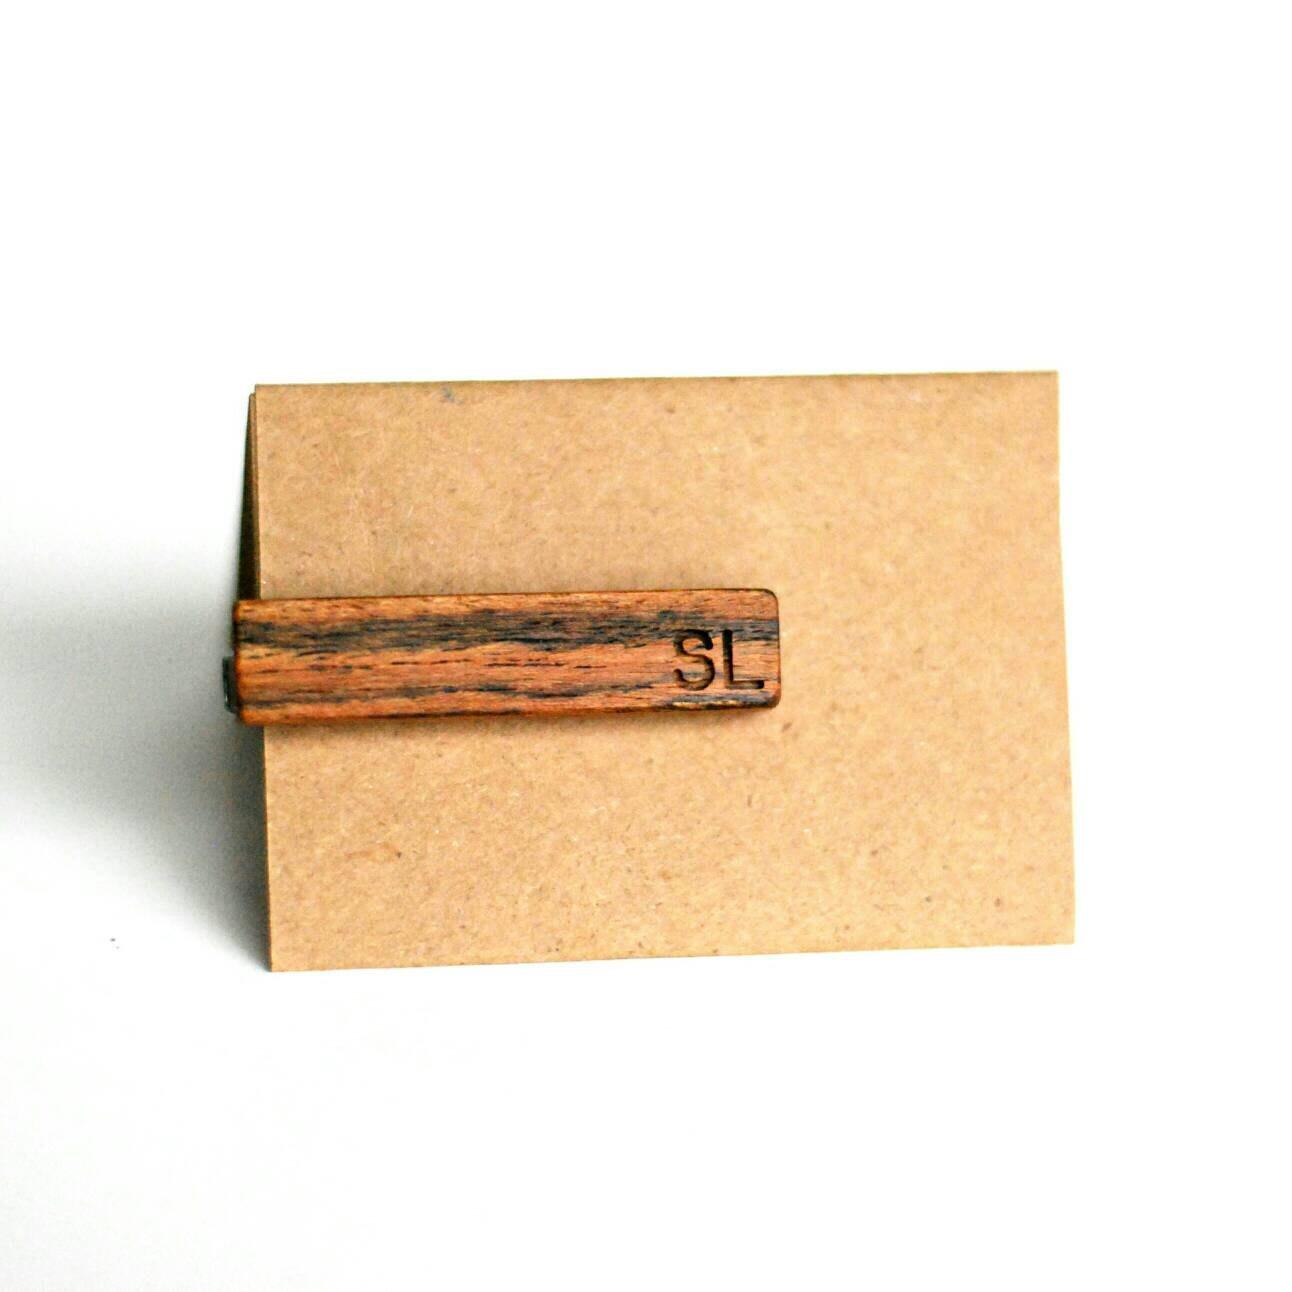 monogrammed tie bar regular font wood tie clip